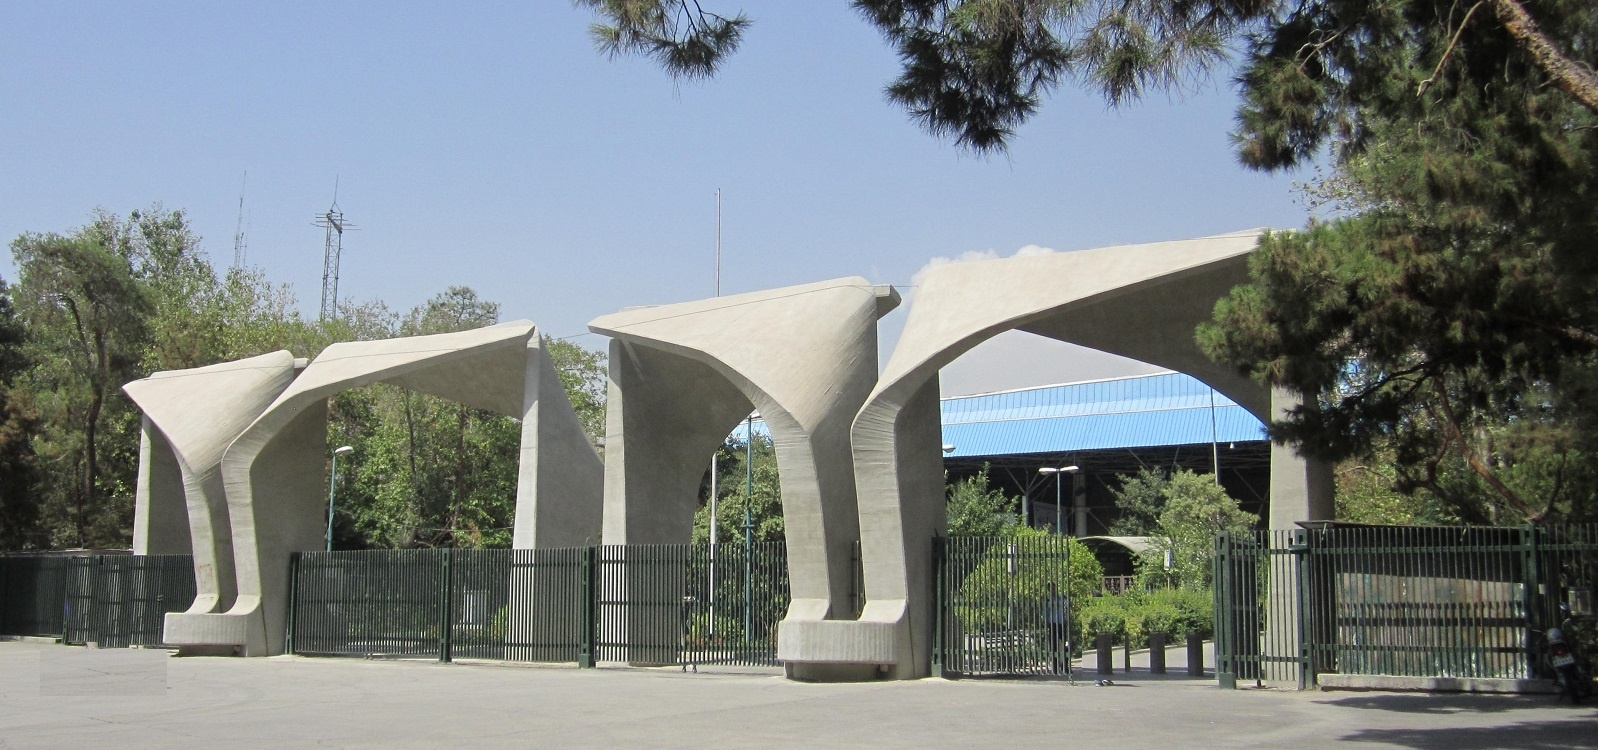 میزان شهریه دانشگاه تهران